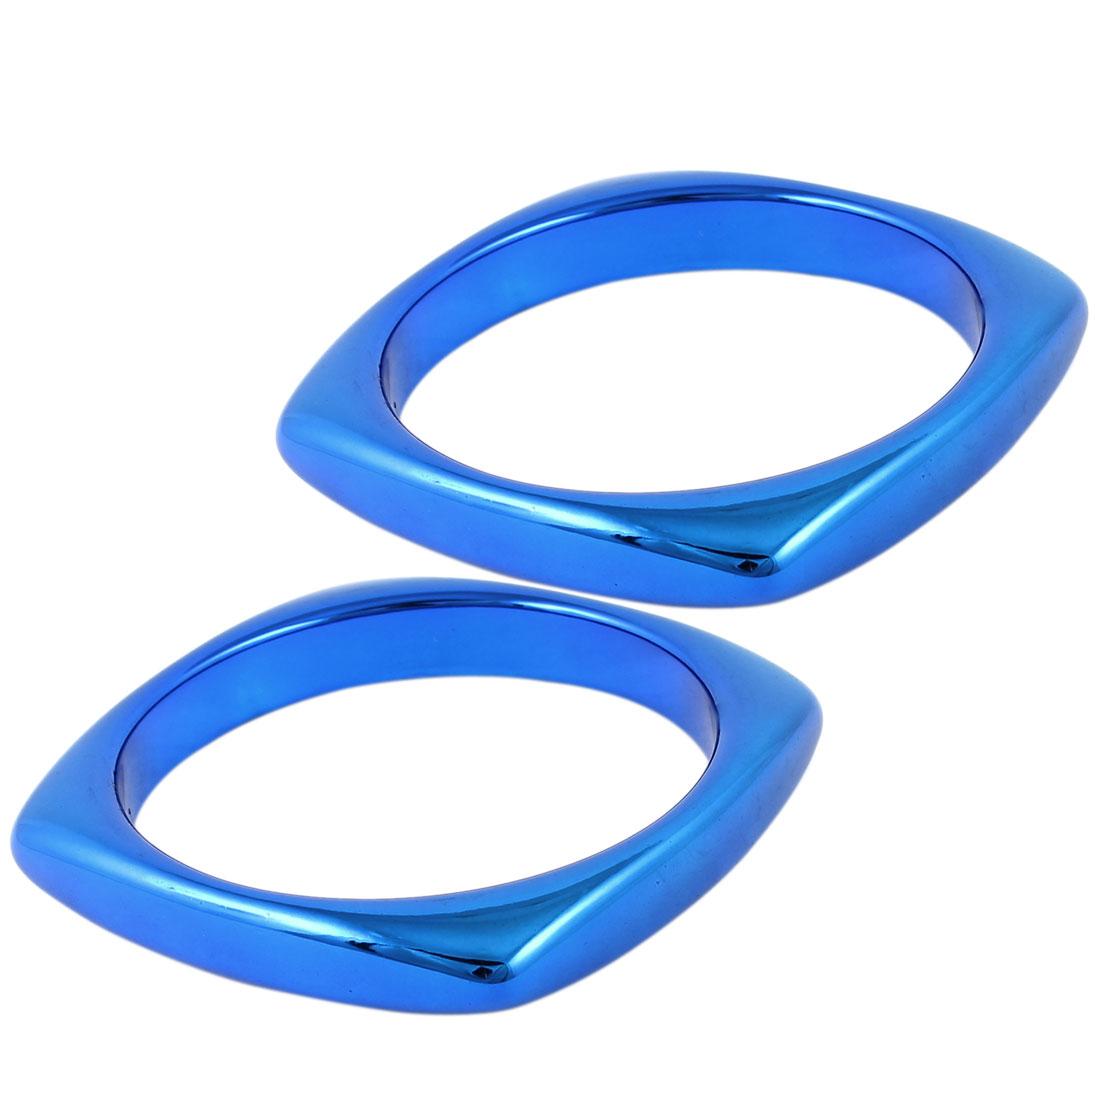 Woman Square Design Blue Plastic Bracelet Wrist Ornament 2 Pcs